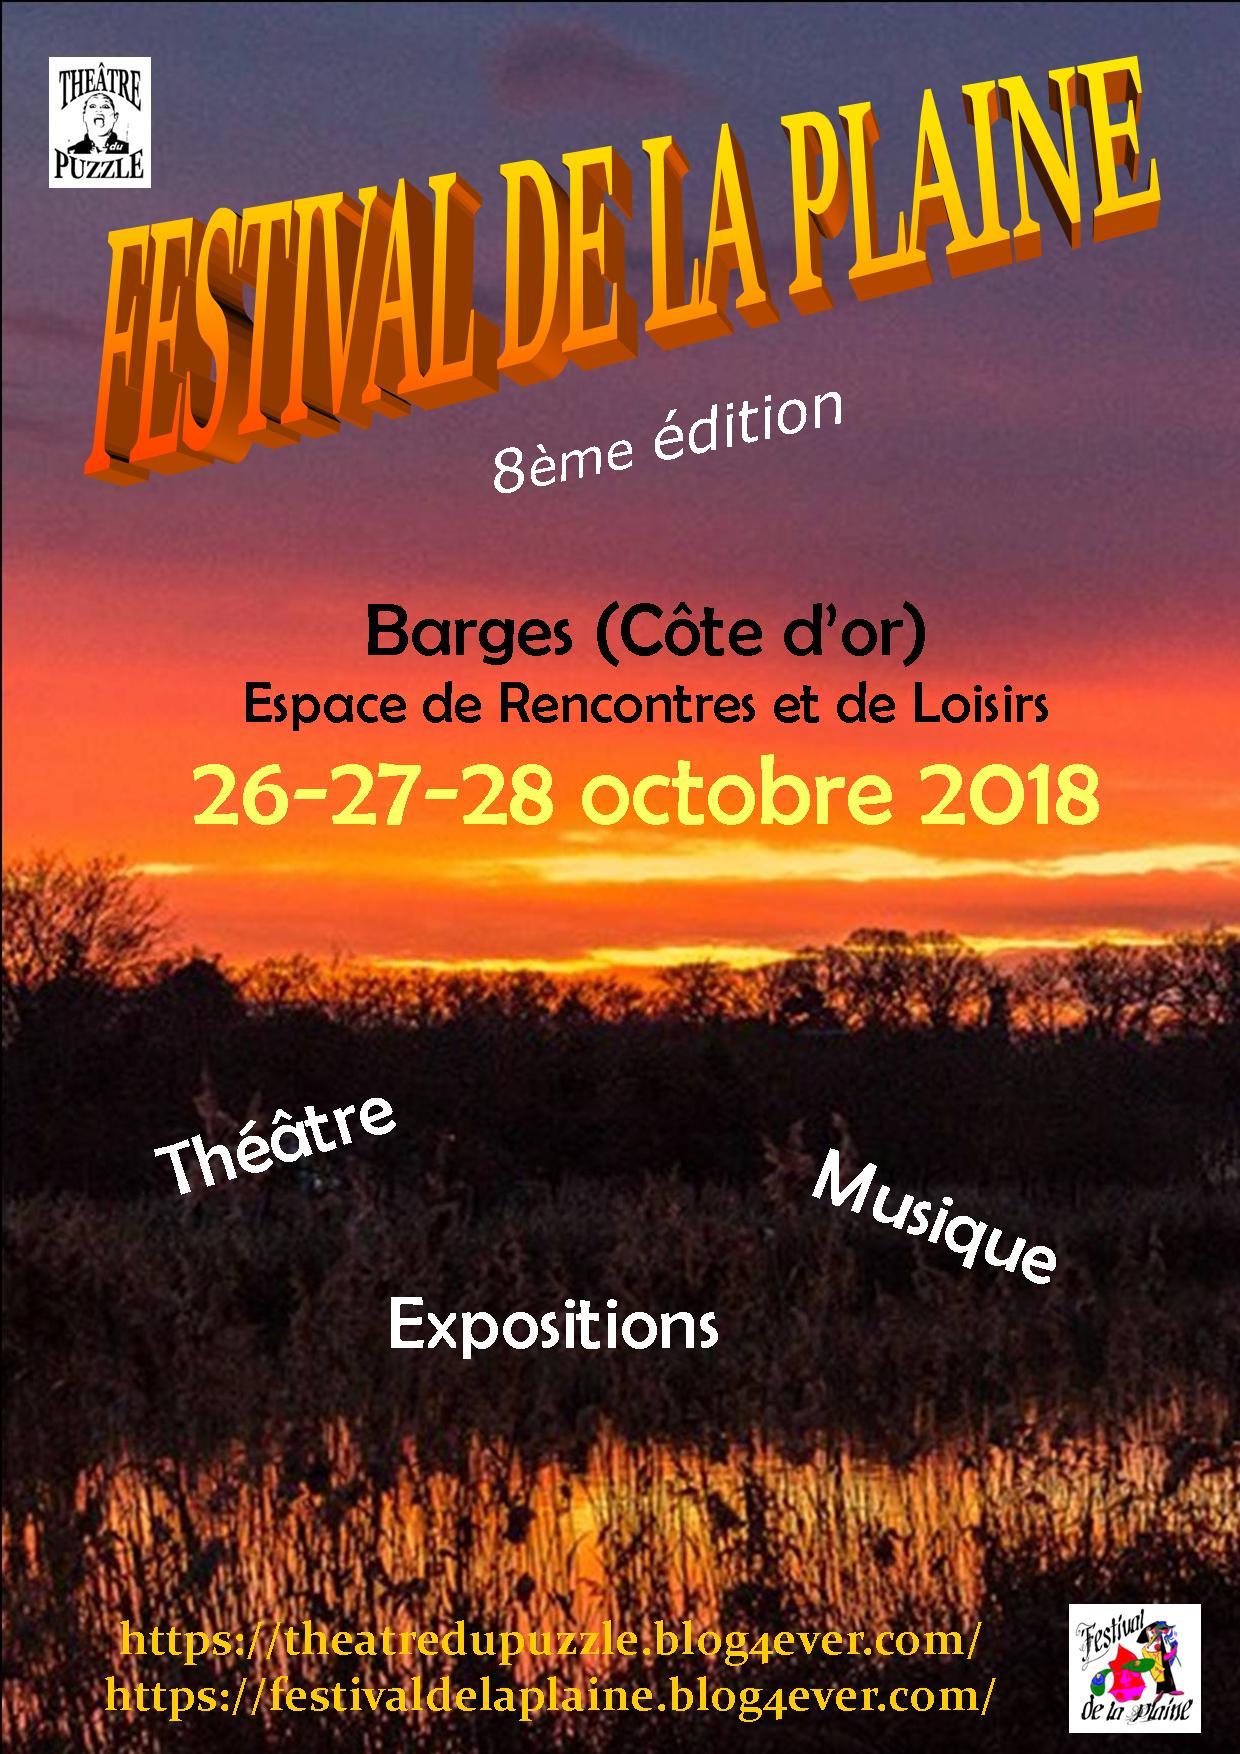 Affiche festival de la Plaine 2018 03.jpg